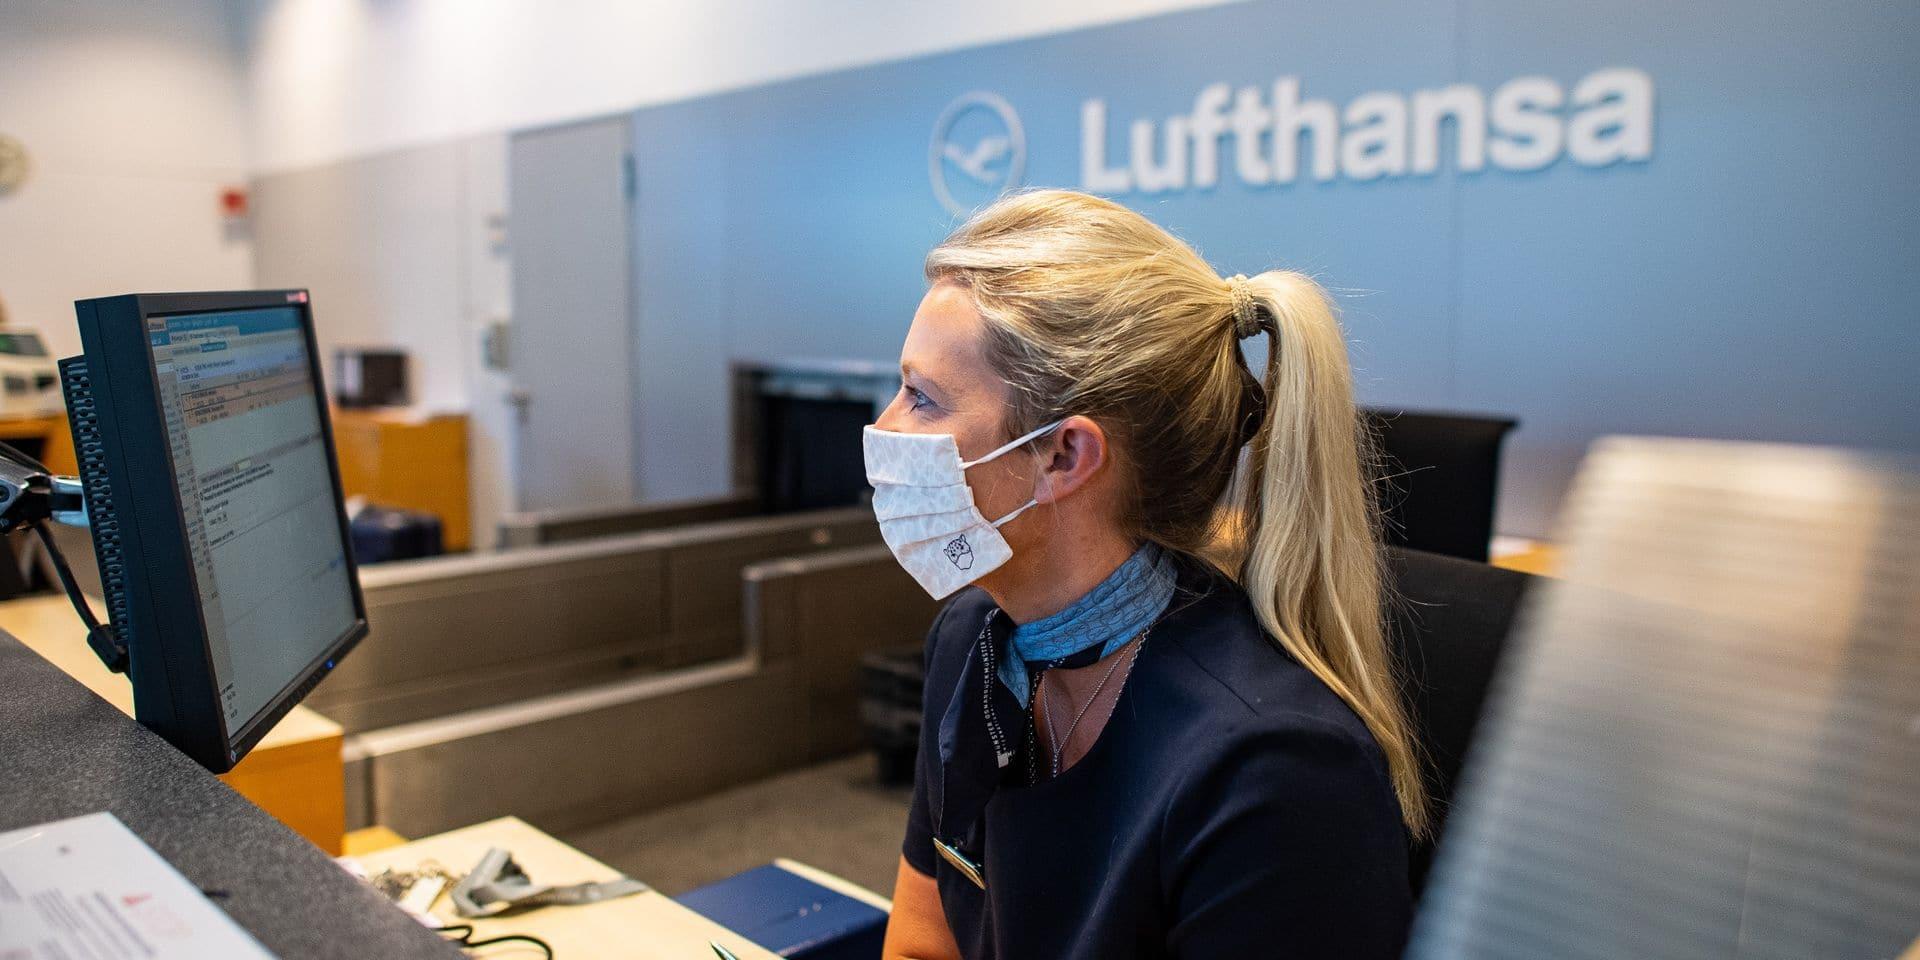 """Perte nette de 2,1 milliards d'euros pour Lufthansa, 93 millions pour Brussels airlines : Une restructuration en cours d'""""intensification"""""""